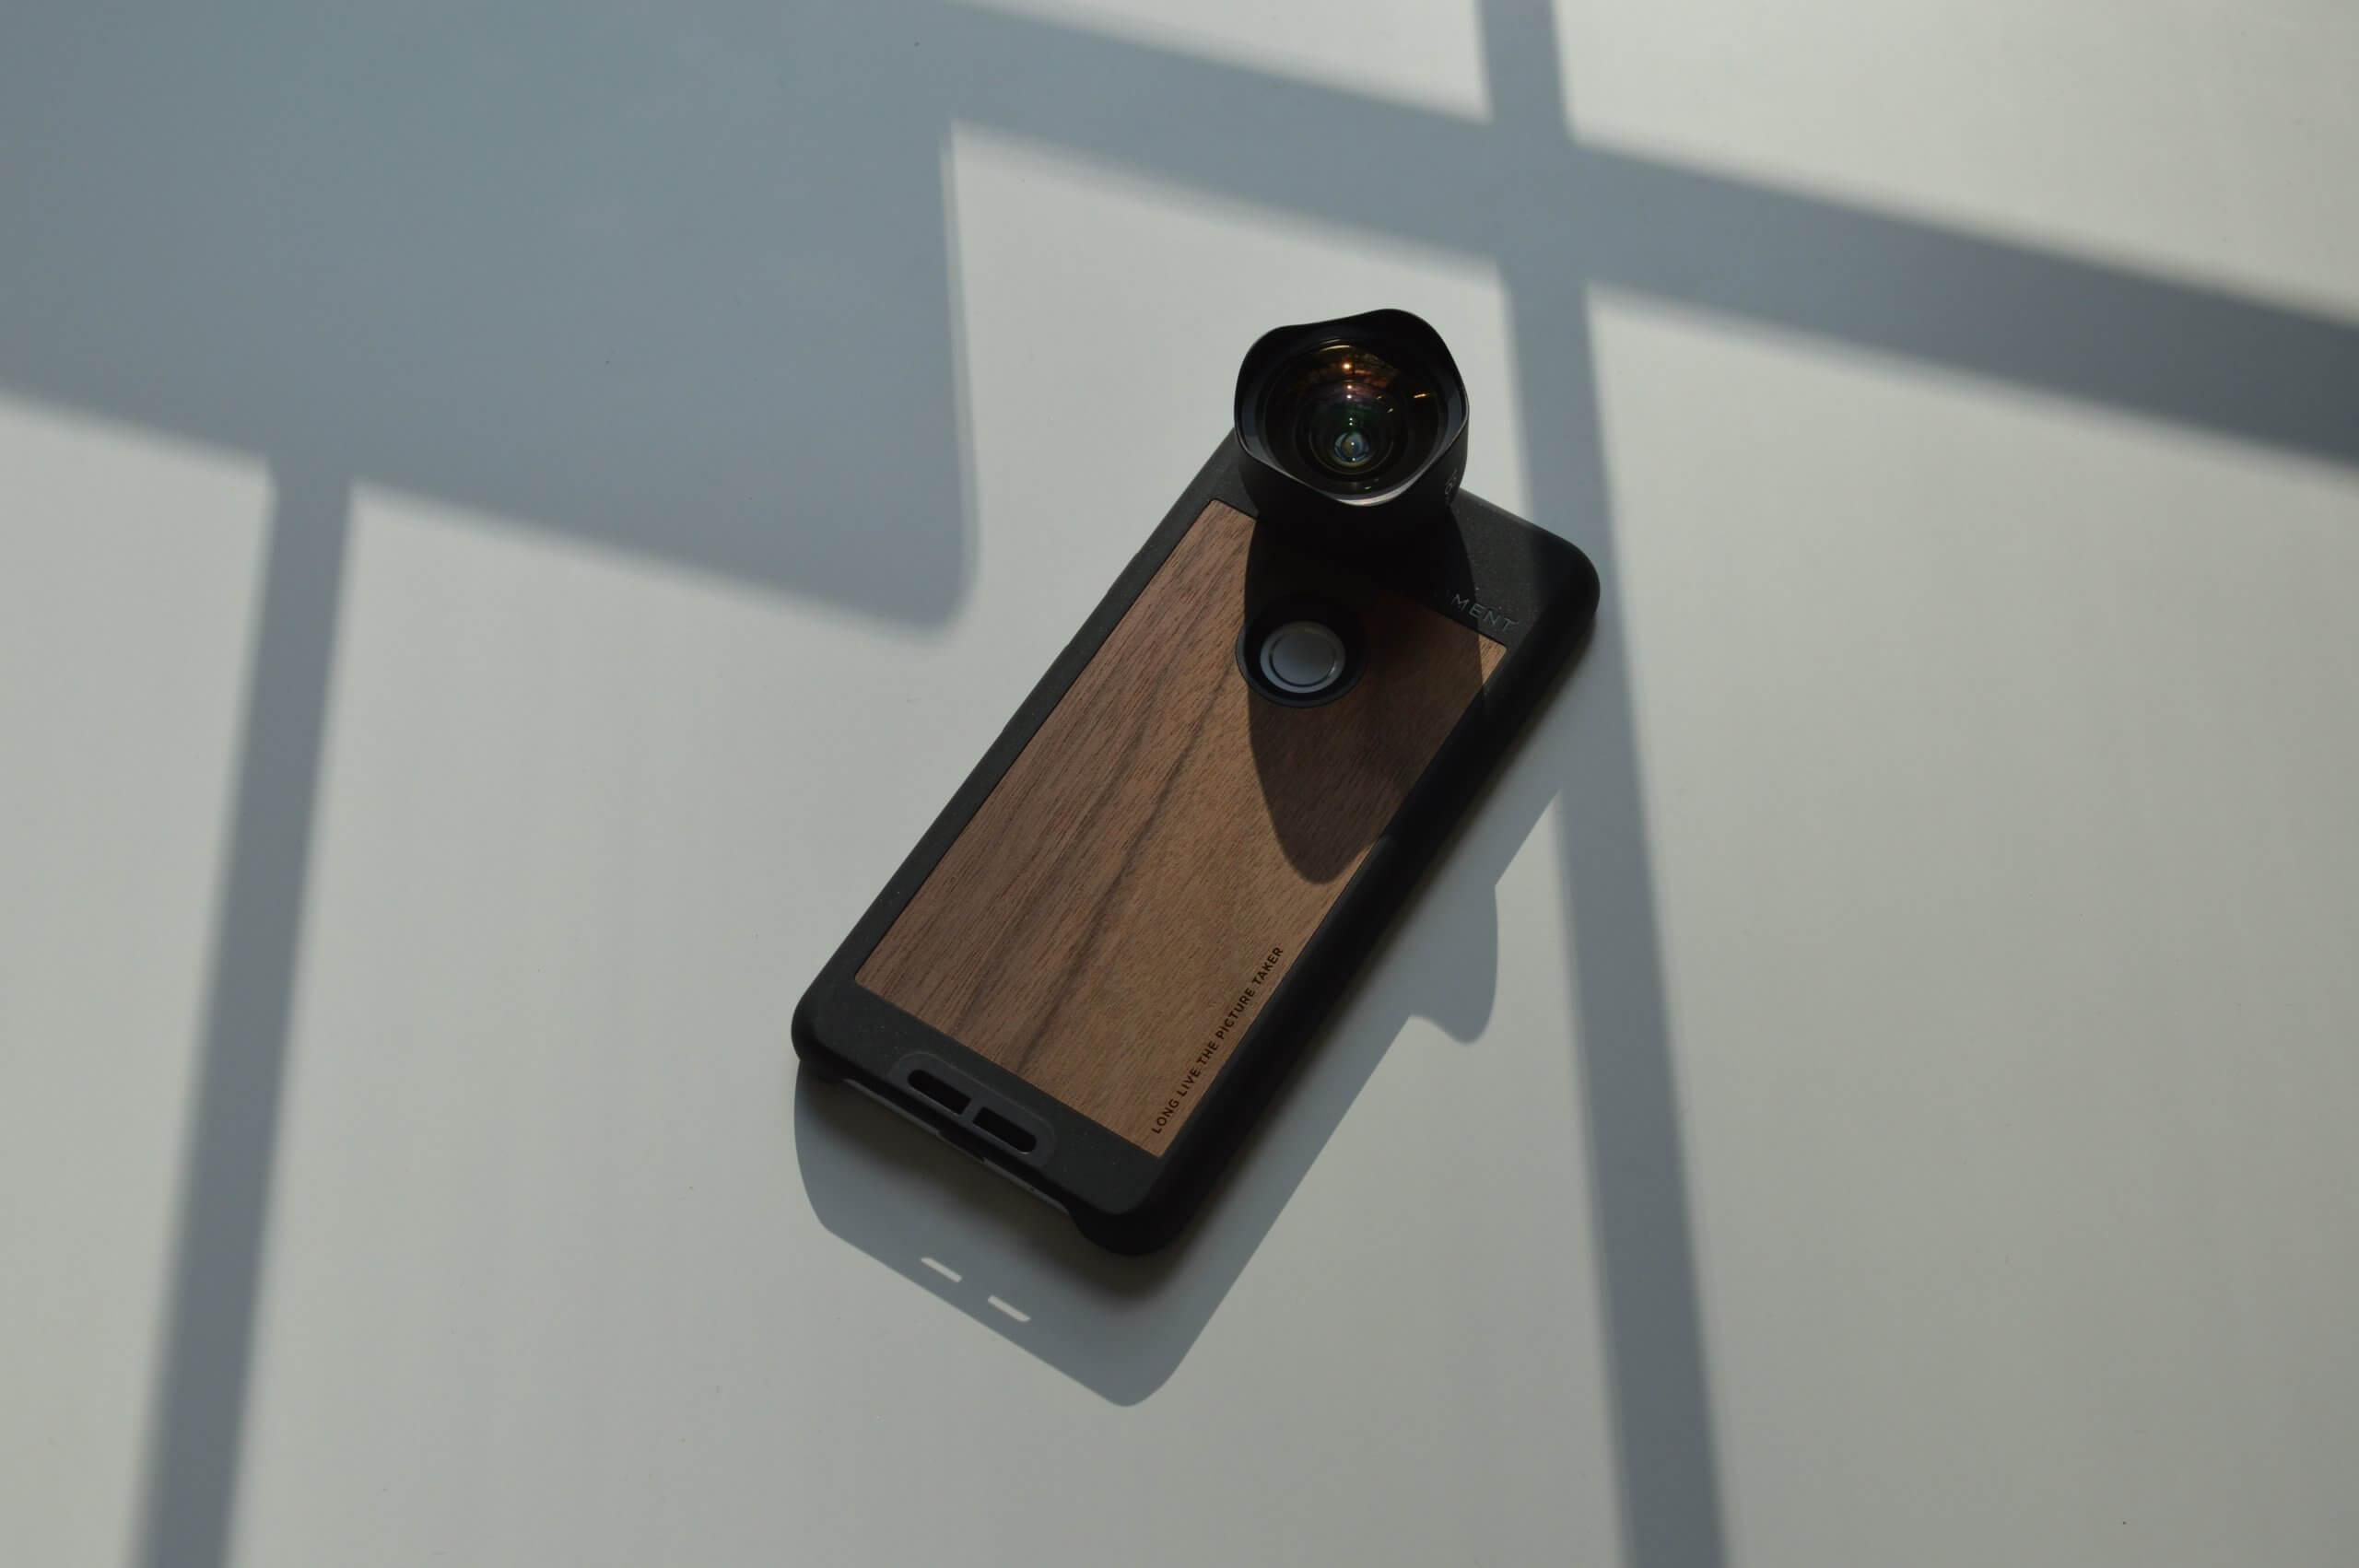 iPhone・スマホ用レンズ21選!広角レンズやマクロレンズなどをご紹介!